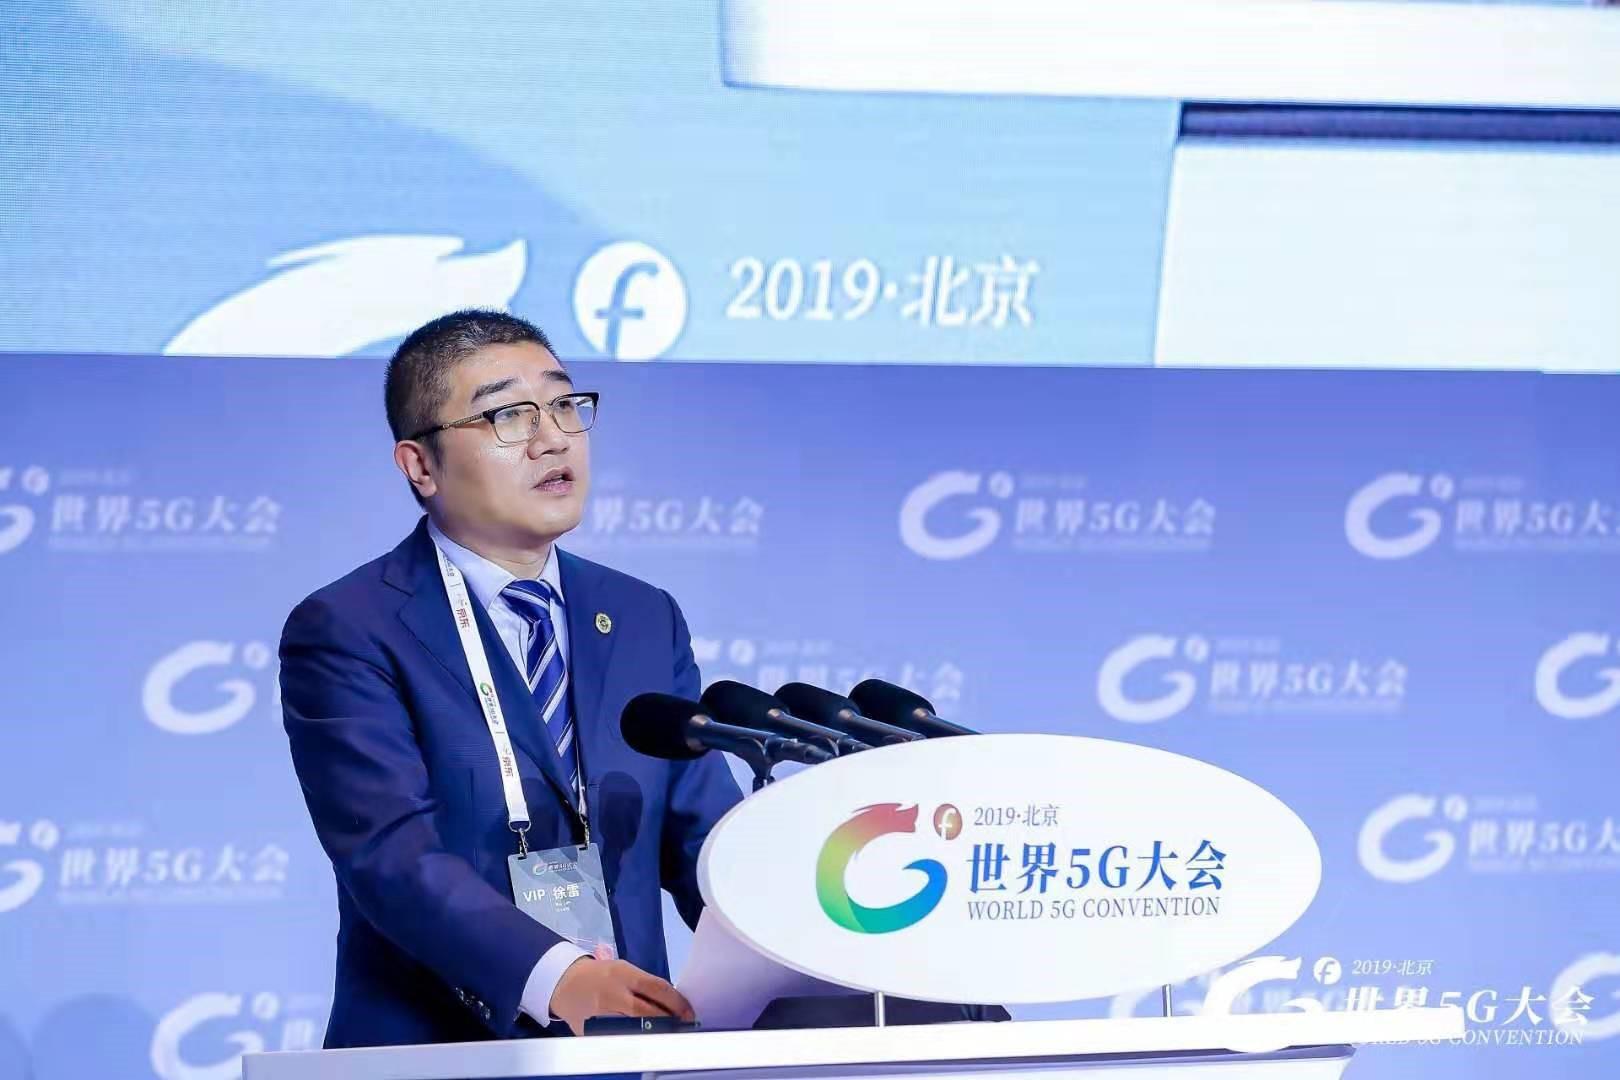 http://www.110tao.com/kuajingdianshang/91752.html